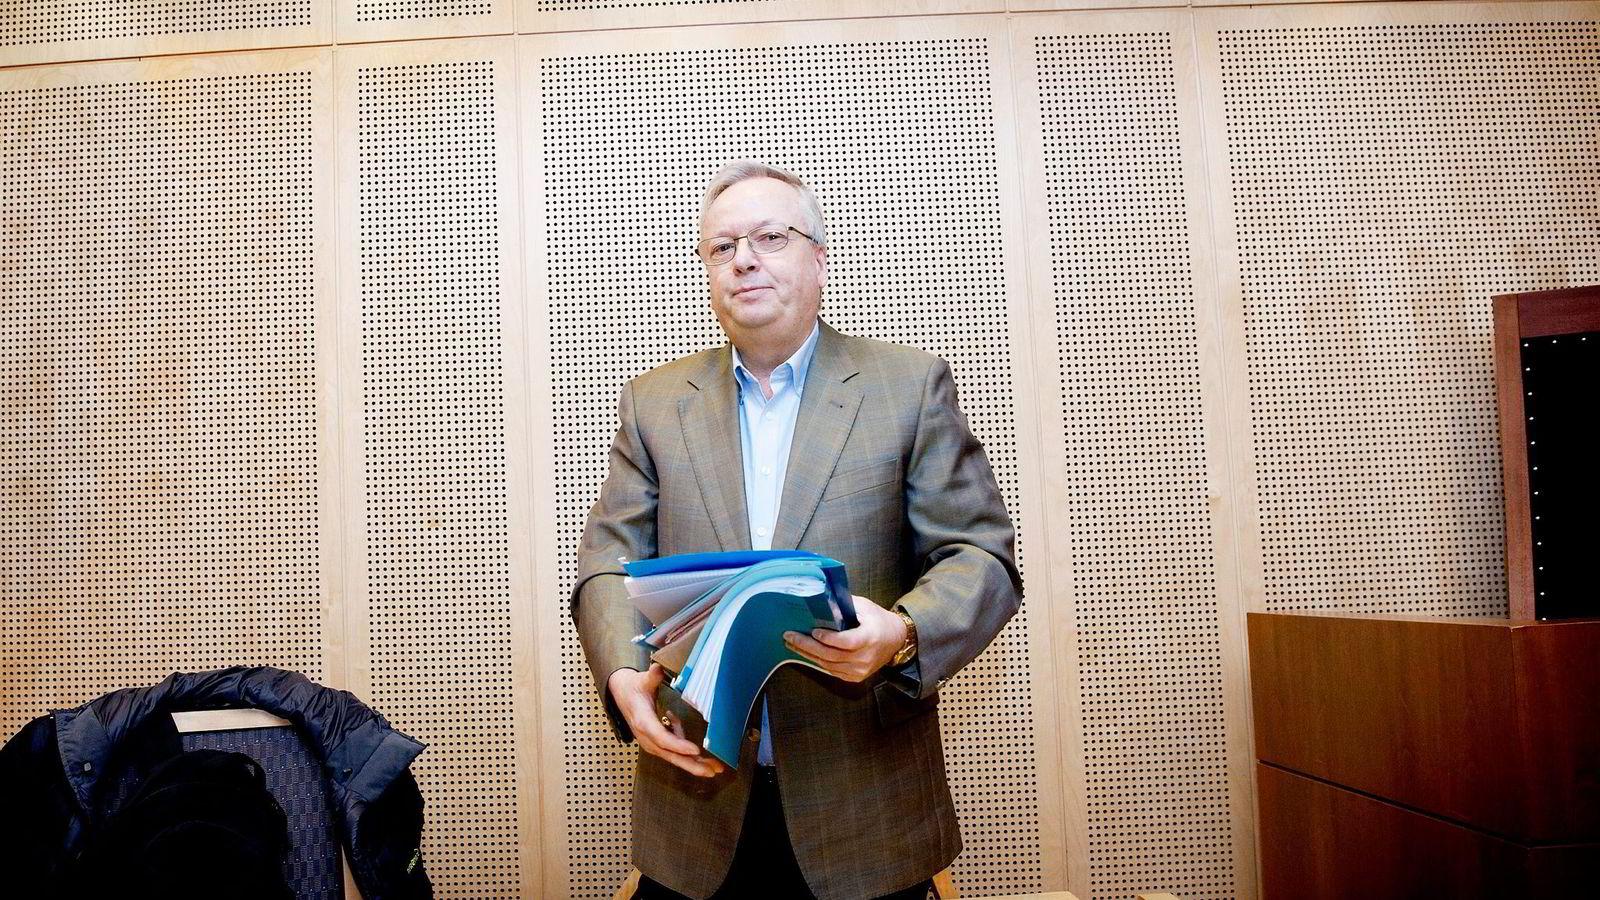 Retten mener det ikke er noen sammenheng mellom Ove C. Gjesdals tap og artikkelen i DN, siden han satt i varetekt da artikkelen sto på trykk.